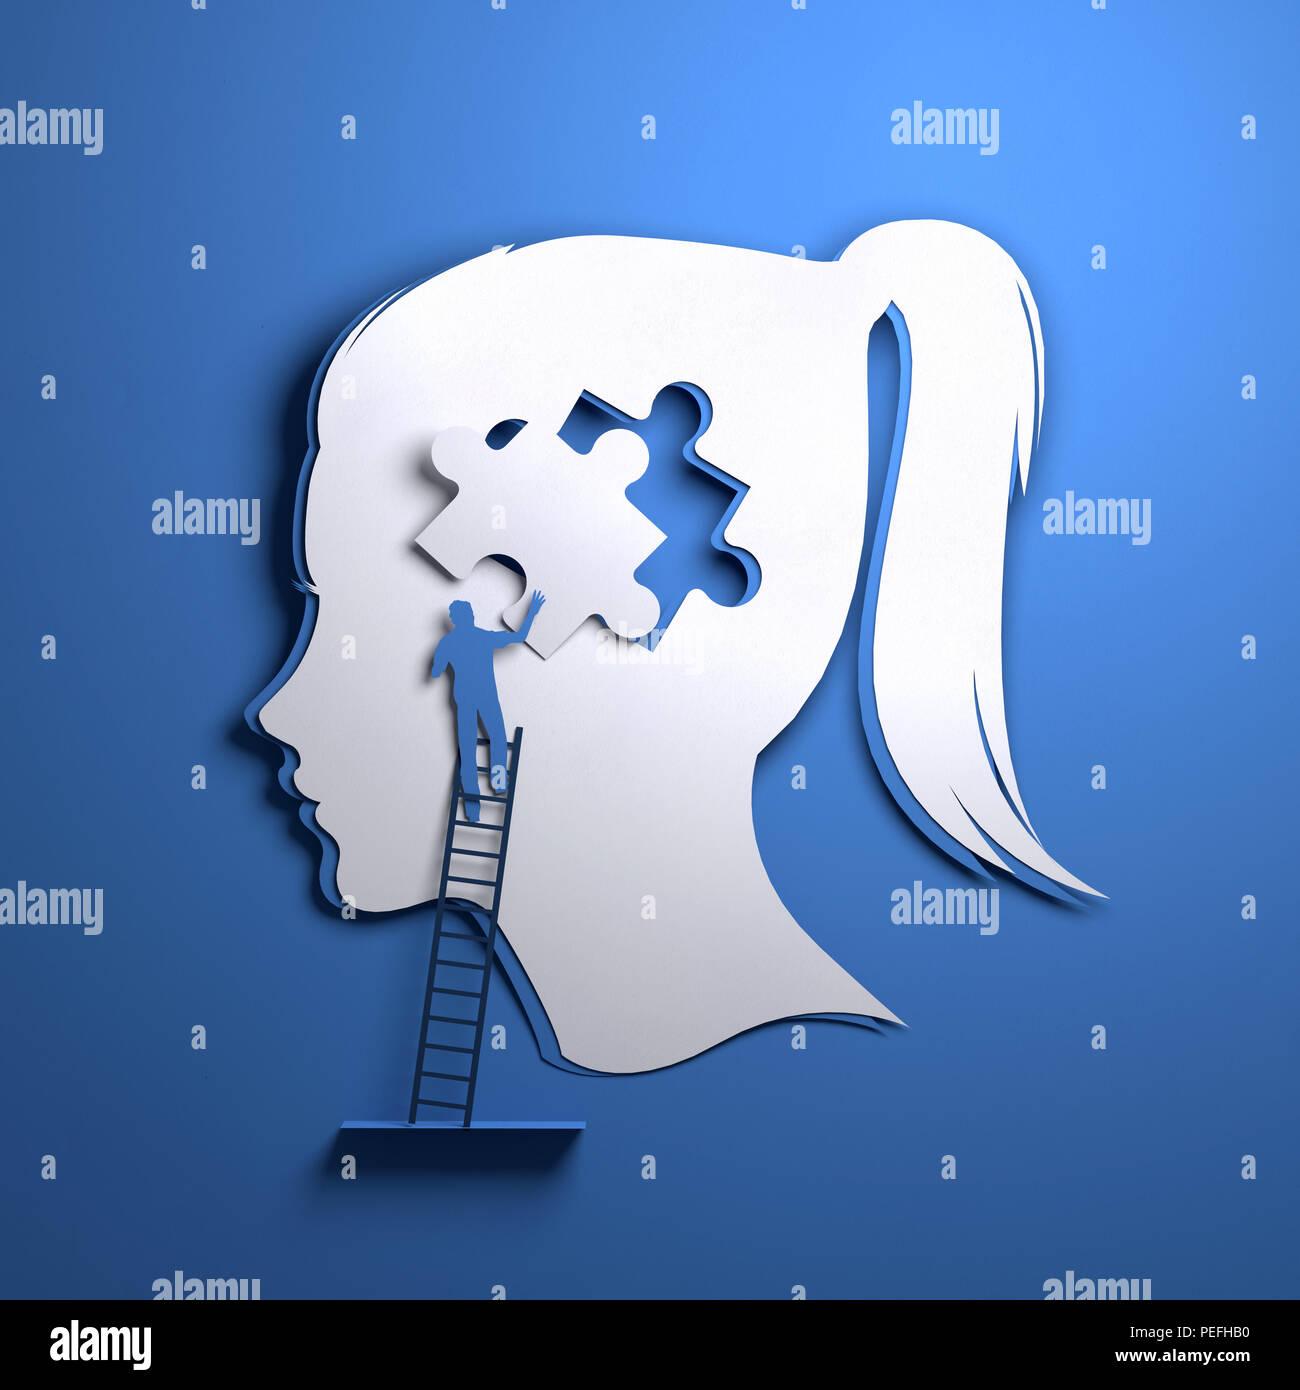 Gefaltetes Papier kunst Origami. Die Silhouette eines Frauen Kopf mit einer Person ein Puzzleteil. Konzeptionelle Vergegenwärtigung 3D-Abbildung. Stockbild